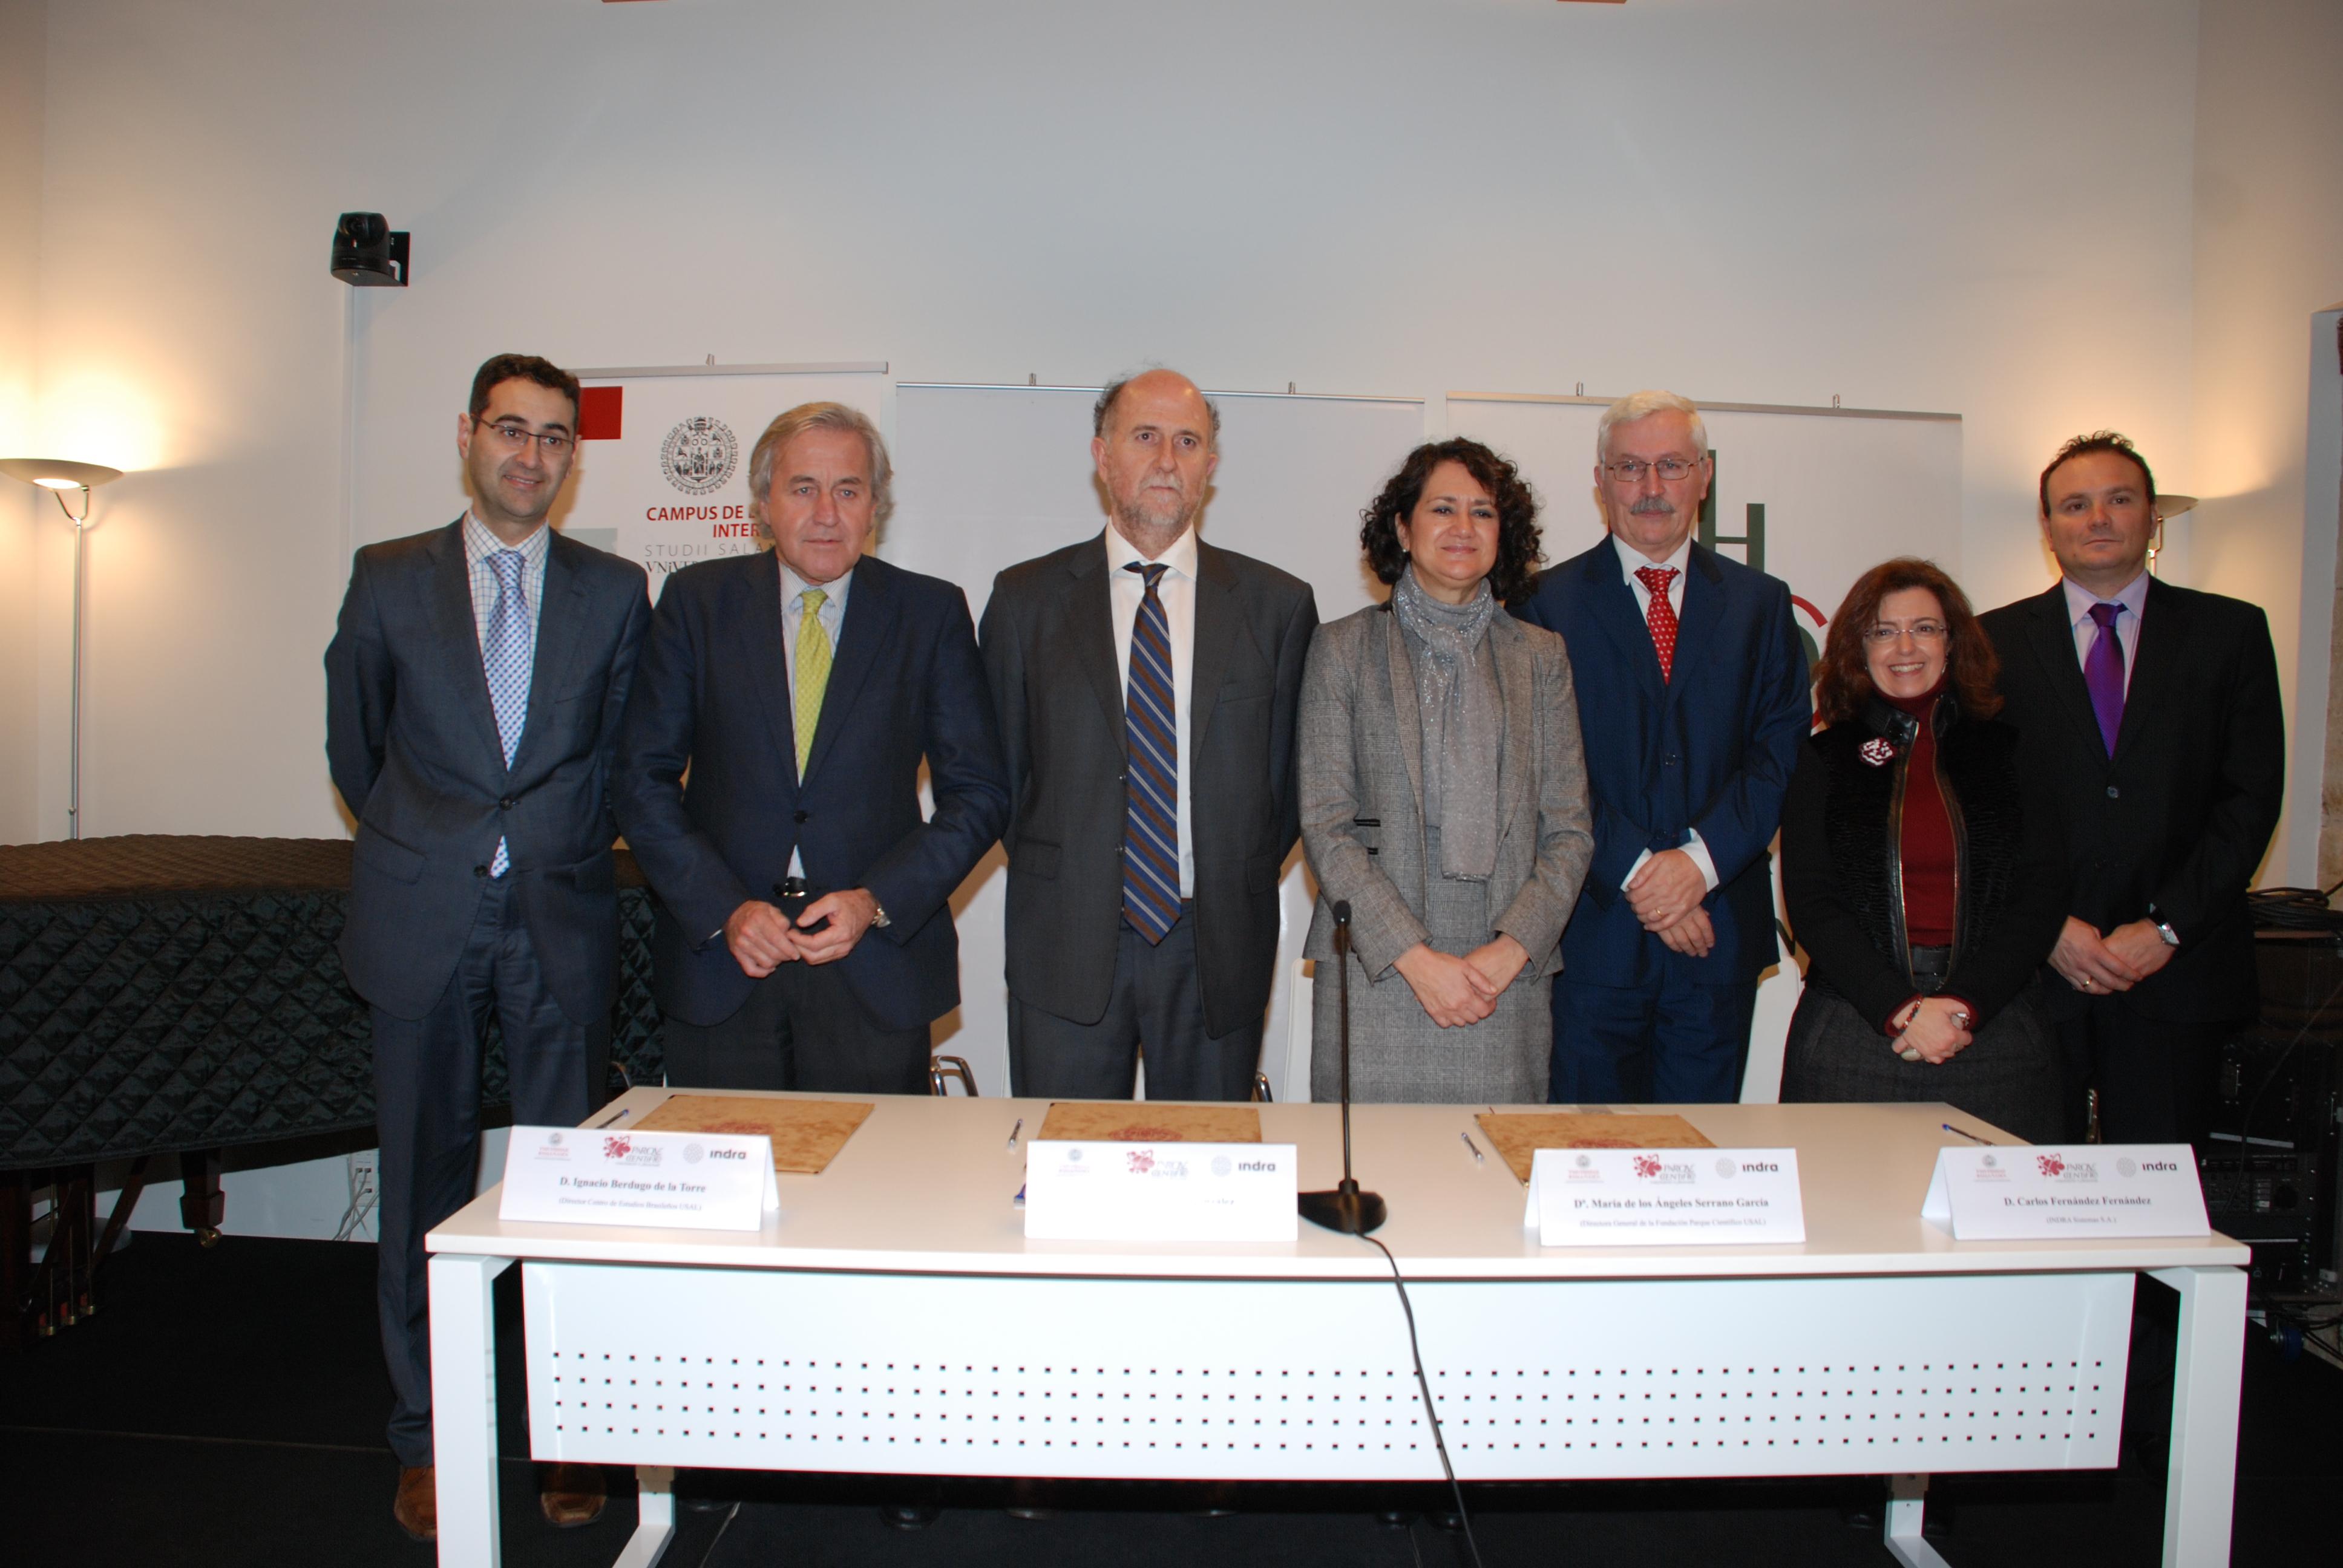 Indra colaborará con el Instituto de Estudios Brasileños de la Universidad de Salamanca para formar y captar talento internacional